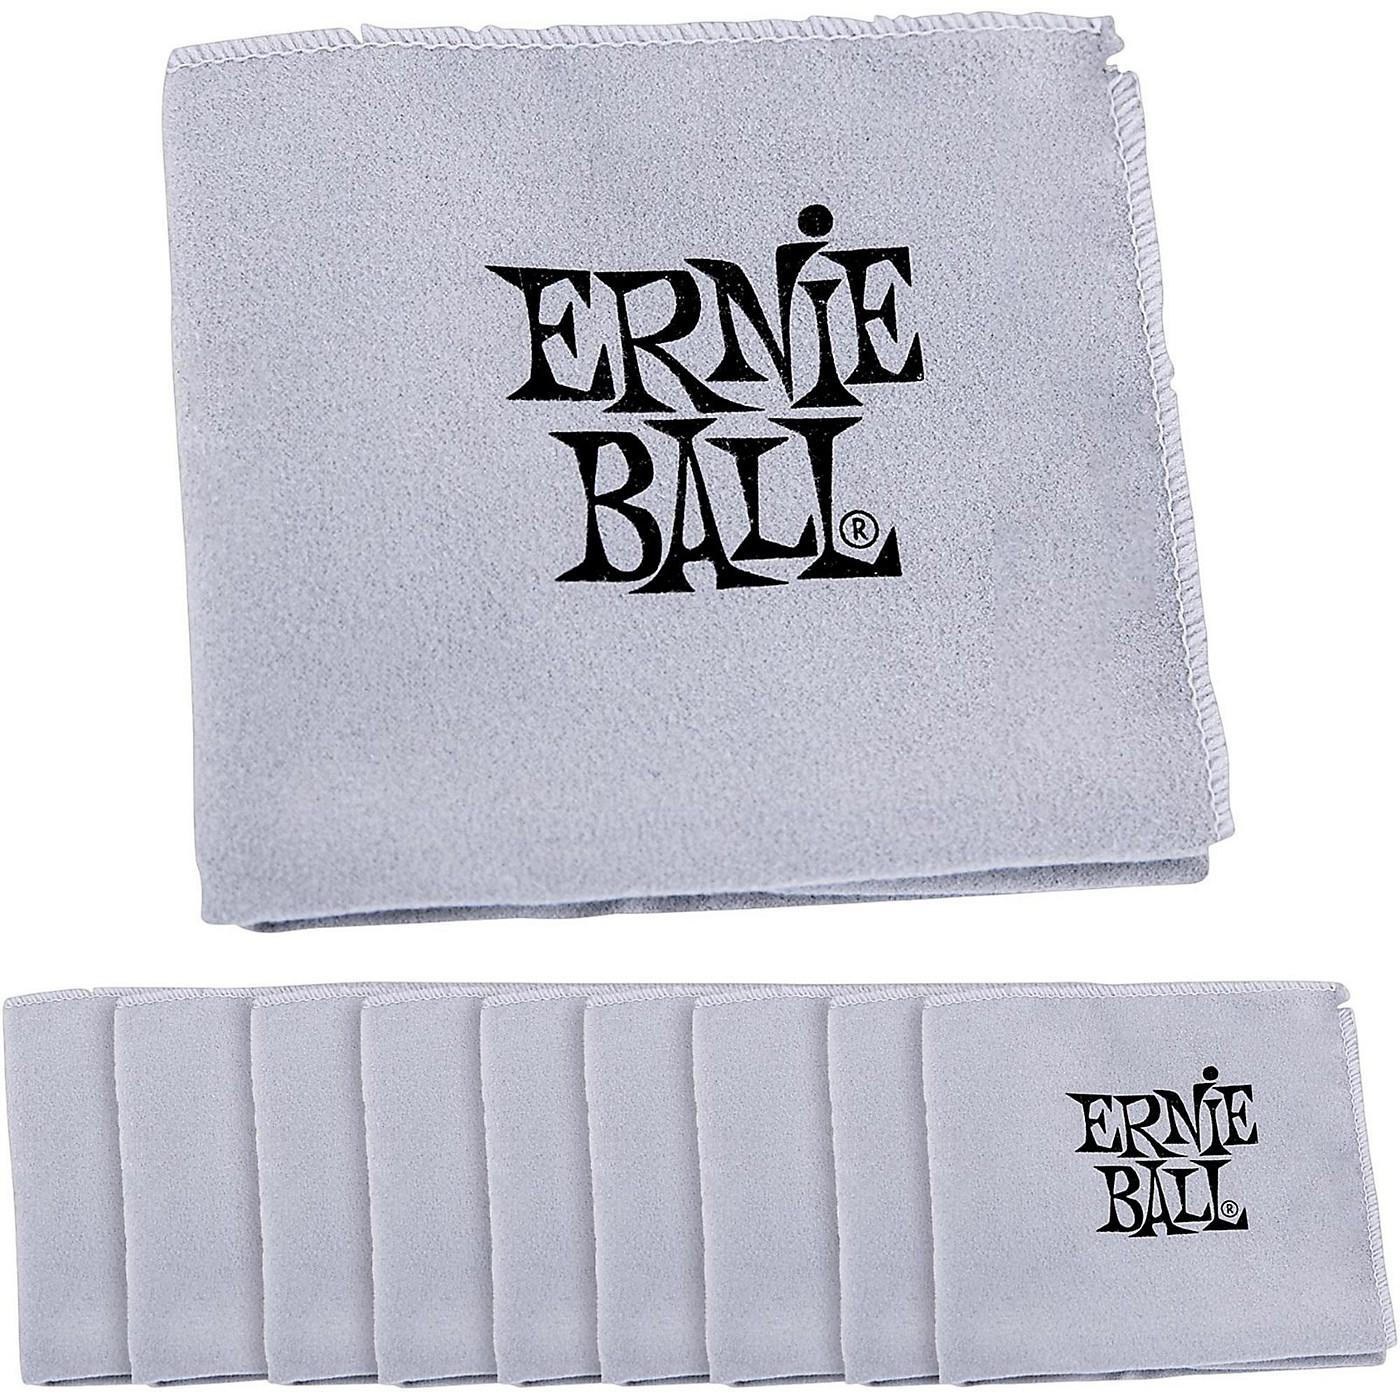 Ernie Ball Polish Cloth 10-Pack thumbnail